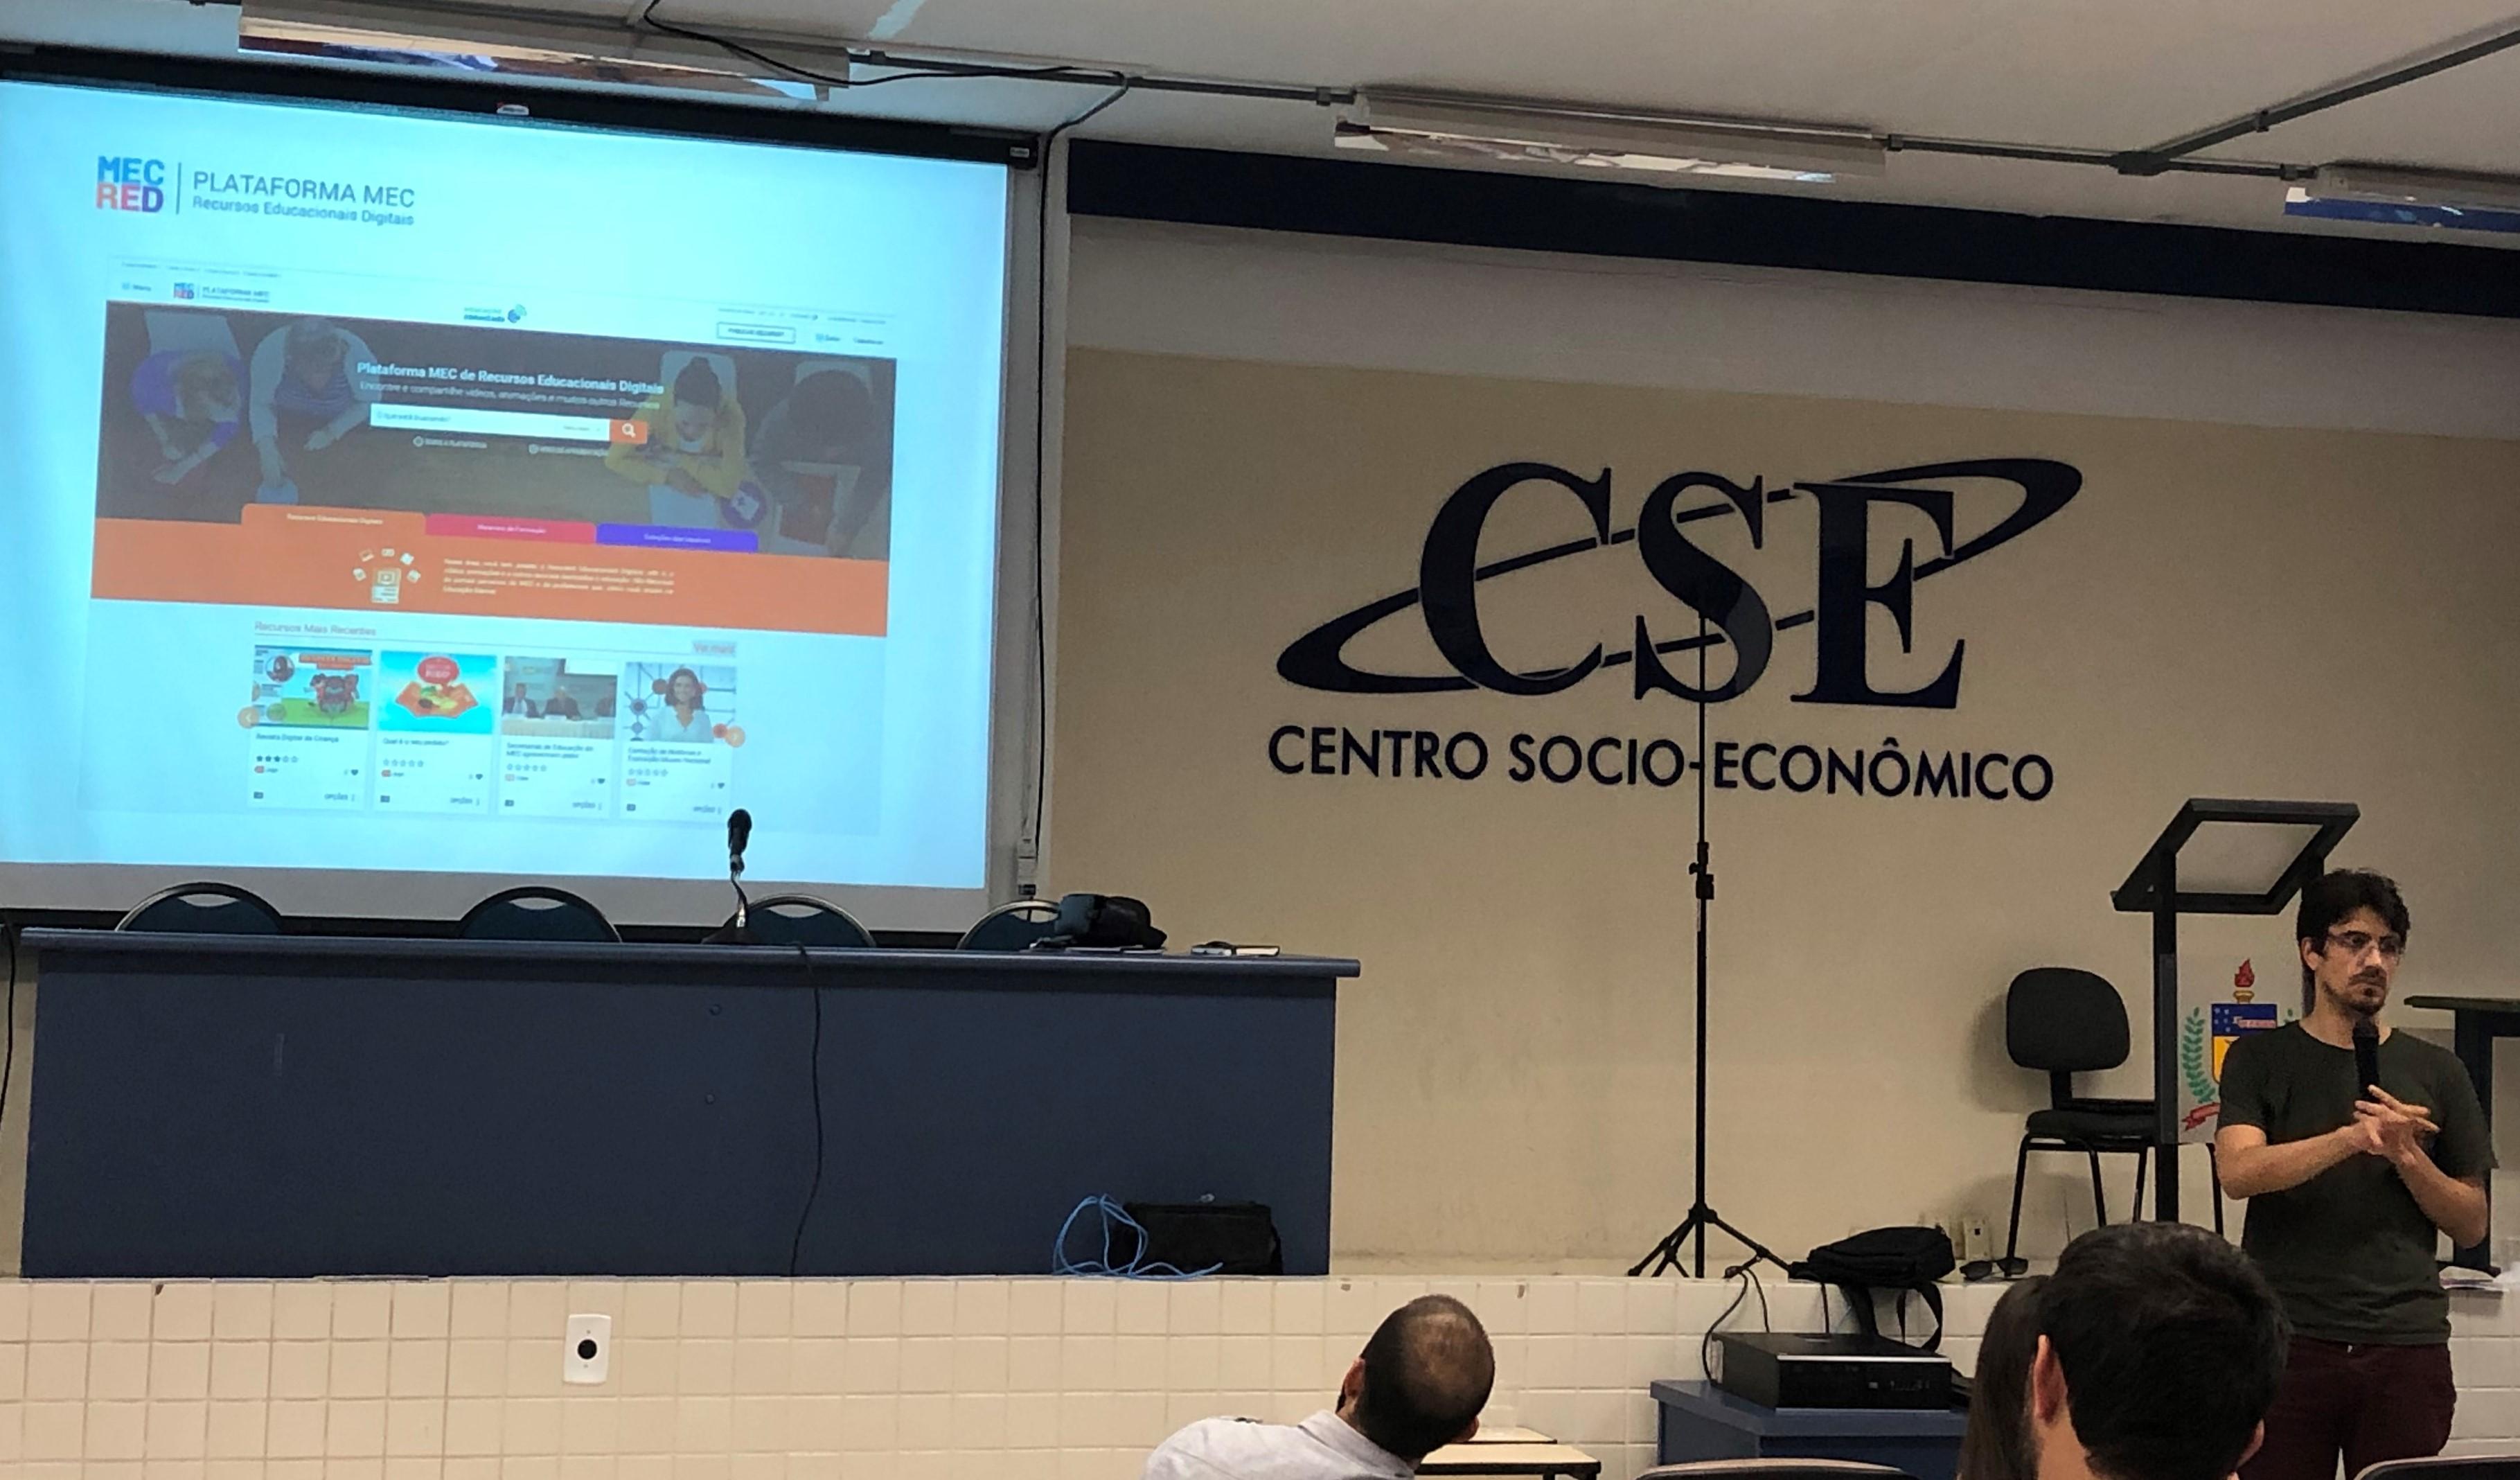 Auditório do CSE com o site MEC RED, de recursos educacionais digitais do MEC, projetado no telão.